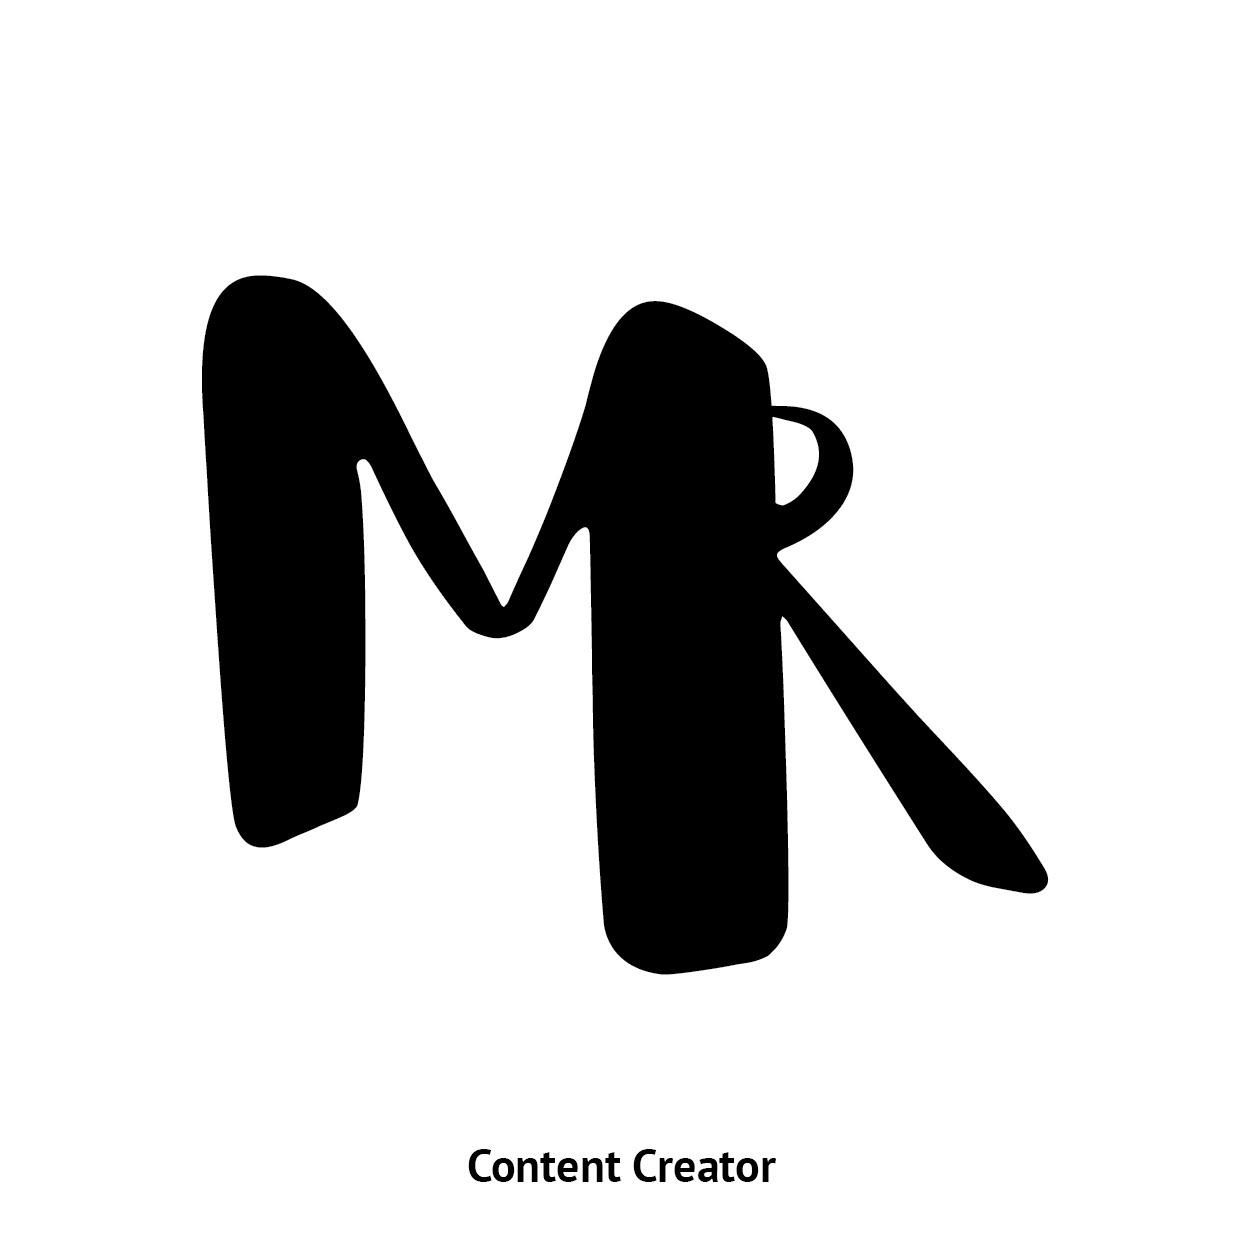 Content Creator